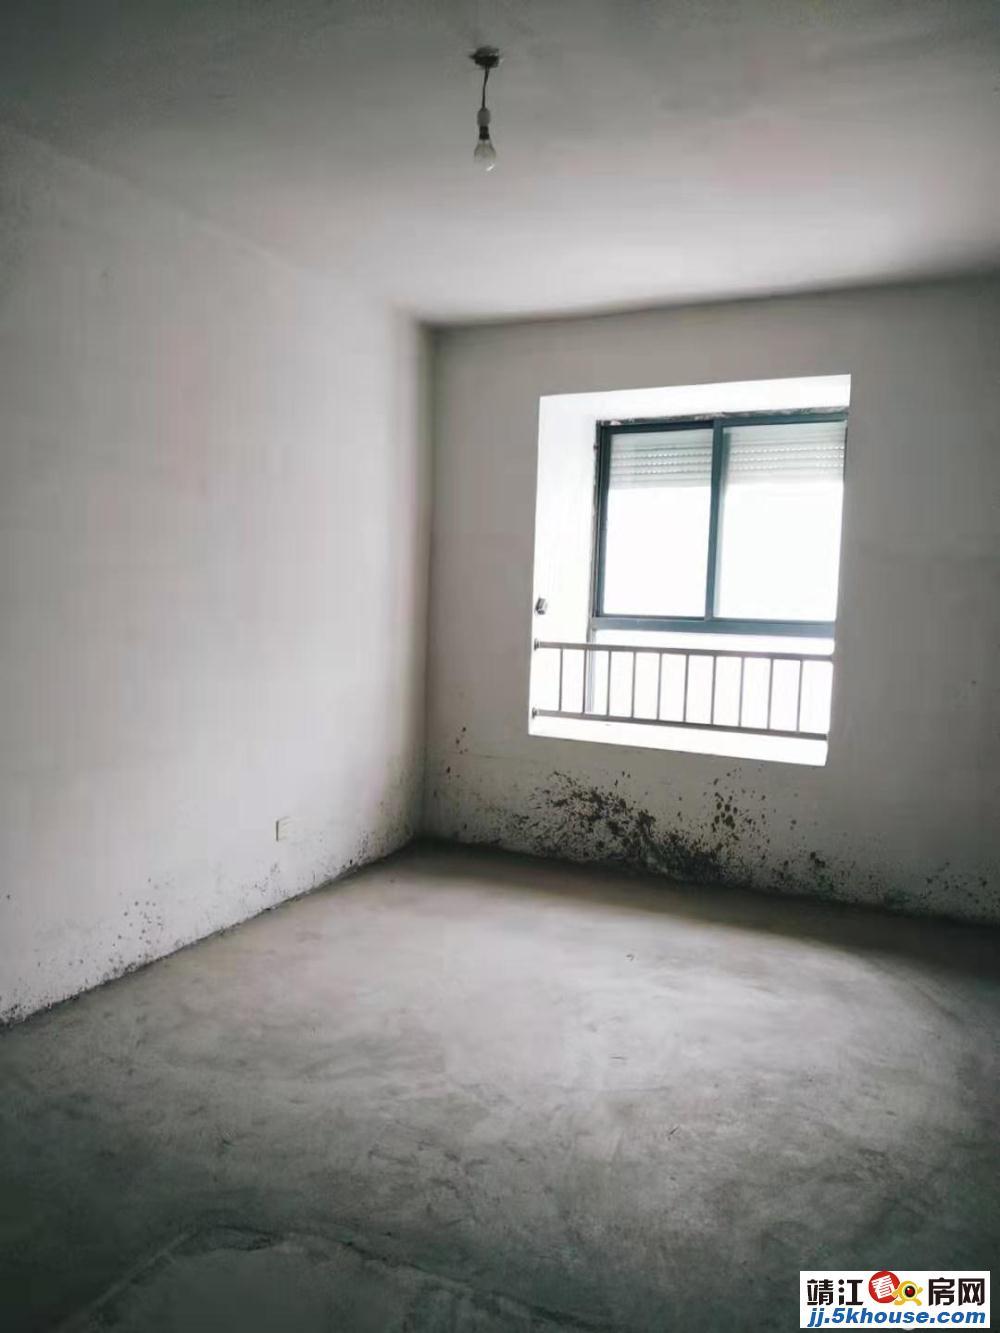 一口价 61.8万只卖3天 滨江 同康南 楼梯房3楼南北通透